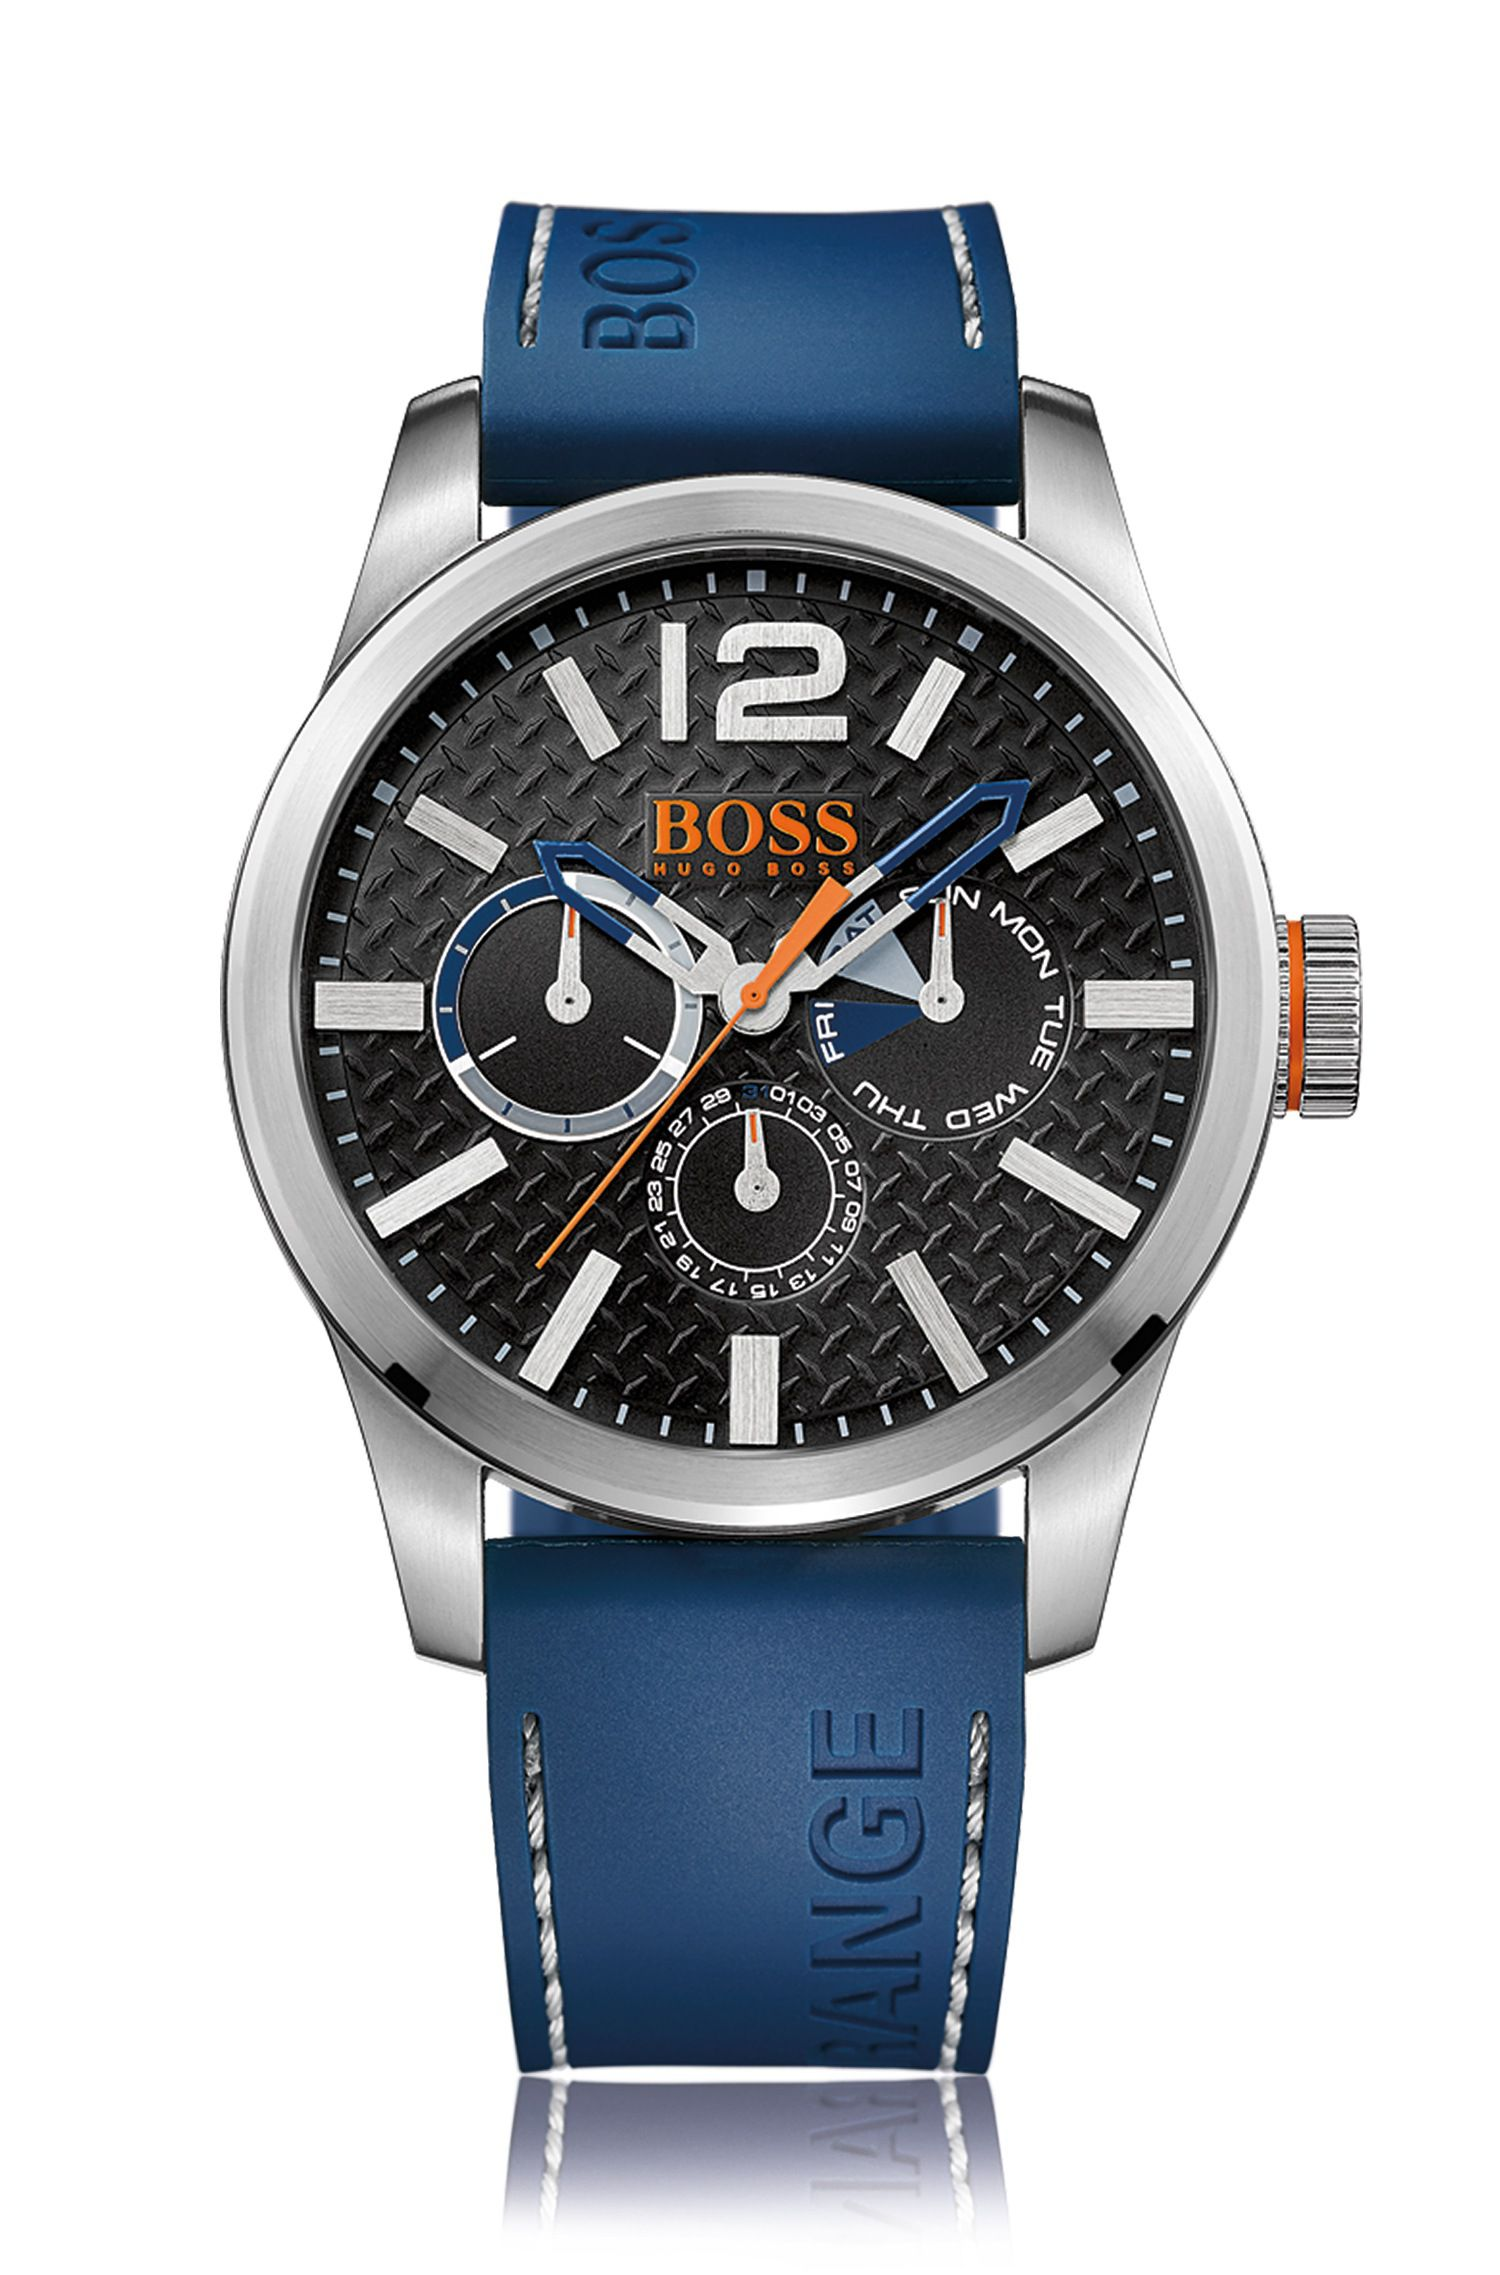 Reloj de acero inoxidable cepillado con varios indicadores, correa azul de silicona y esfera con textura